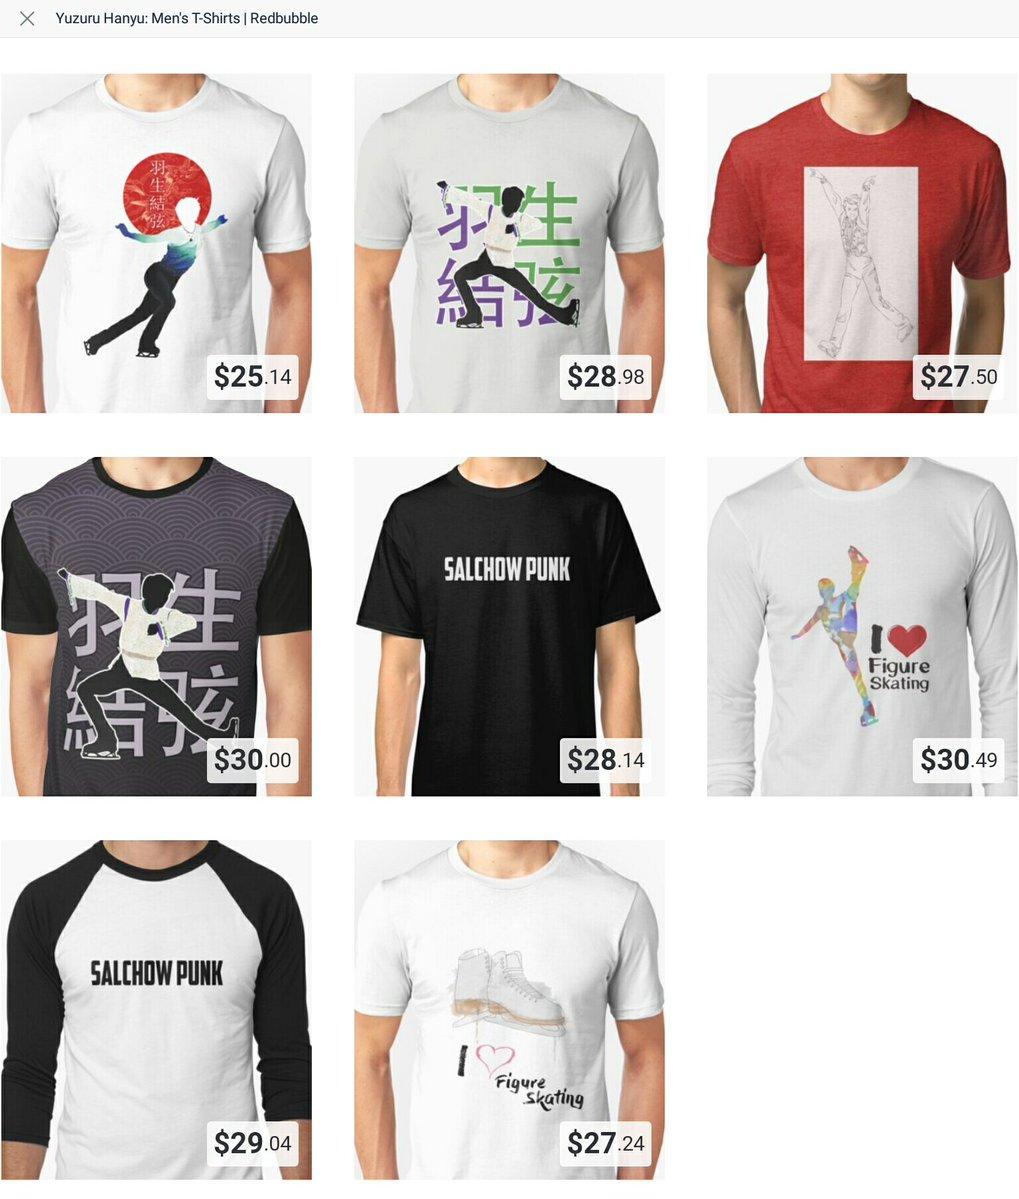 中国で販売されている羽生結弦&プロトコルTシャツを発見。愛され過ぎ(笑)